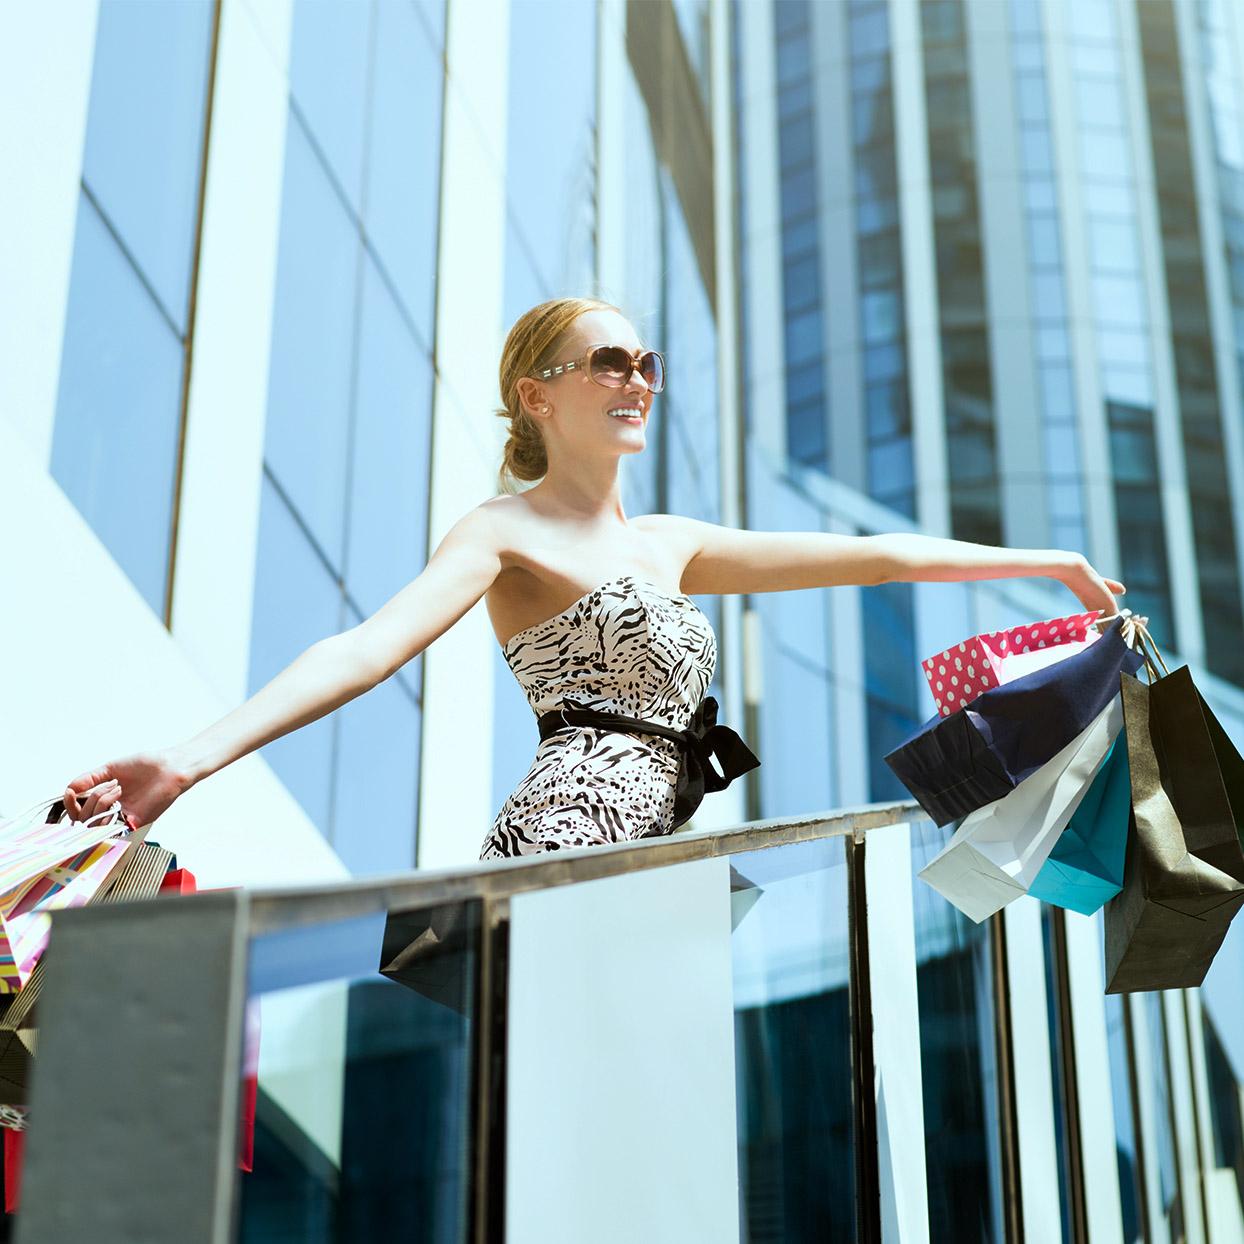 Dress Like a Celebrity $15,000 Sweepstakes